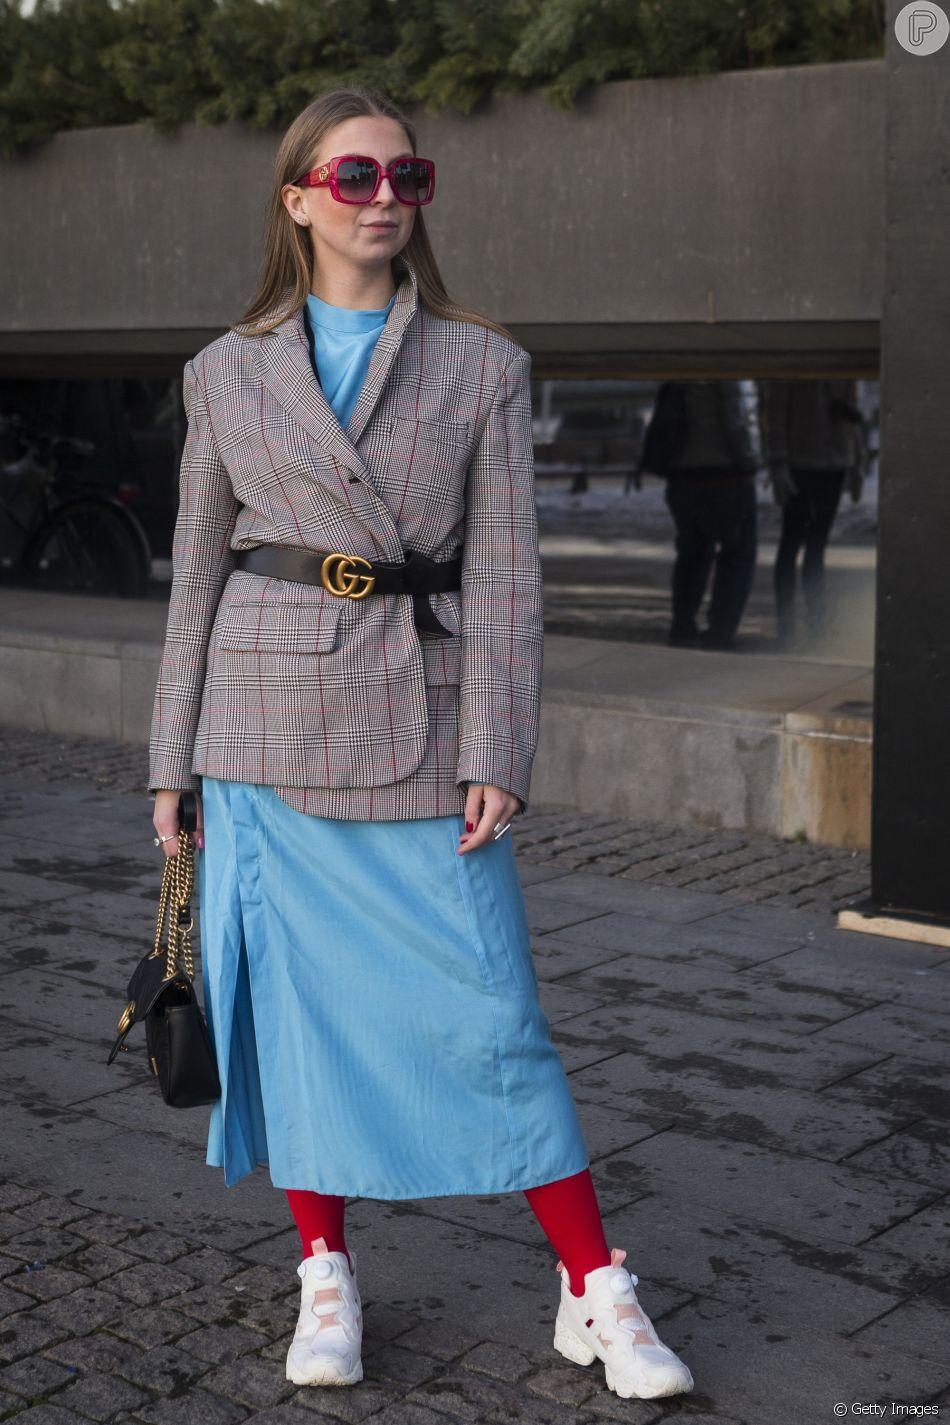 Aprenda A Usar Vestido No Inverno De Acordo Com As